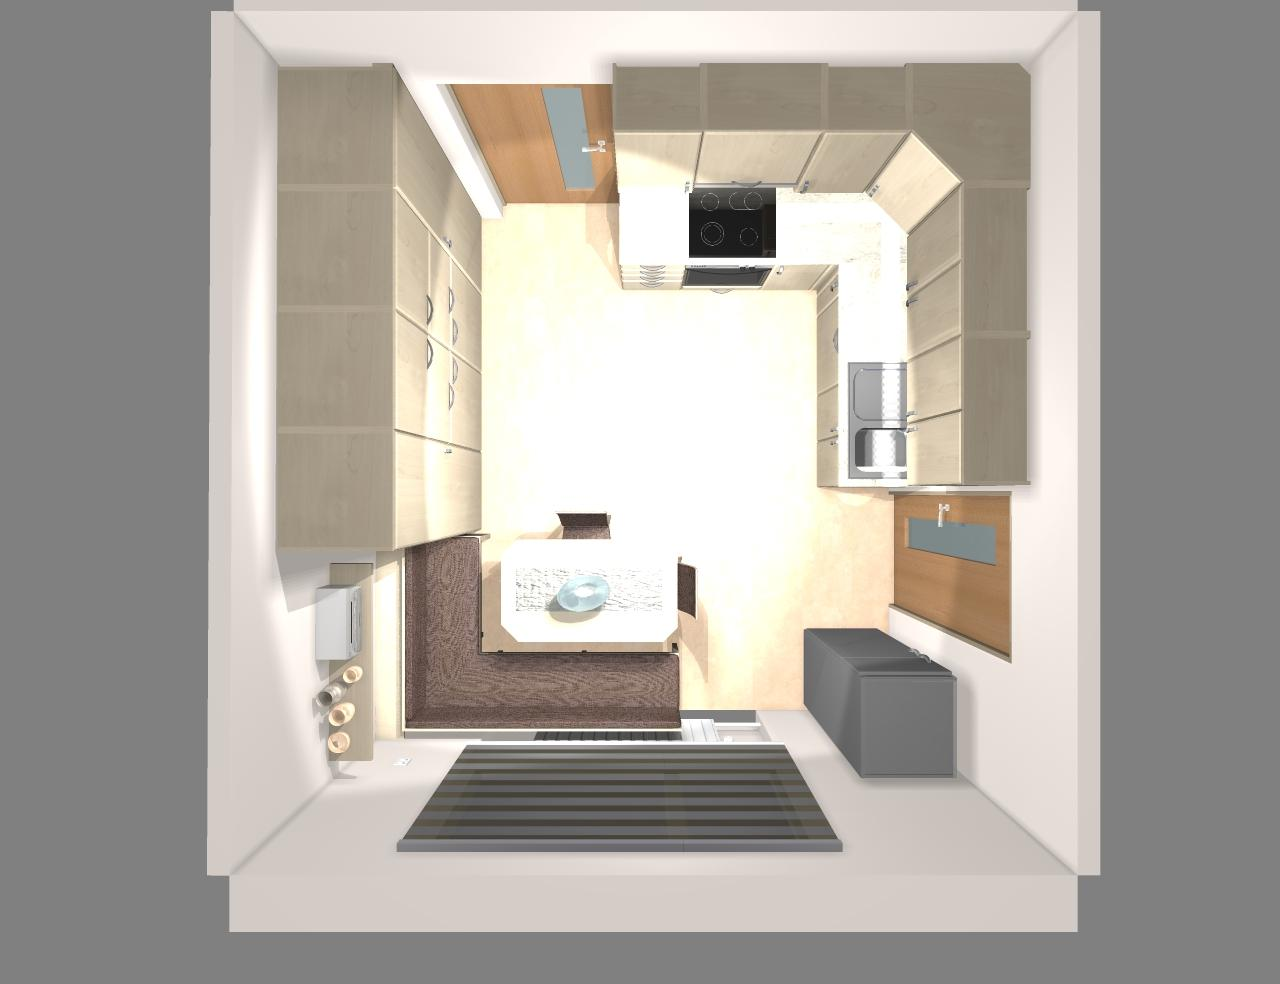 Grafické návrhy kuchynských liniek 2019 - Grafický návrh kuchynskej linky do rodinného domu - obr.11